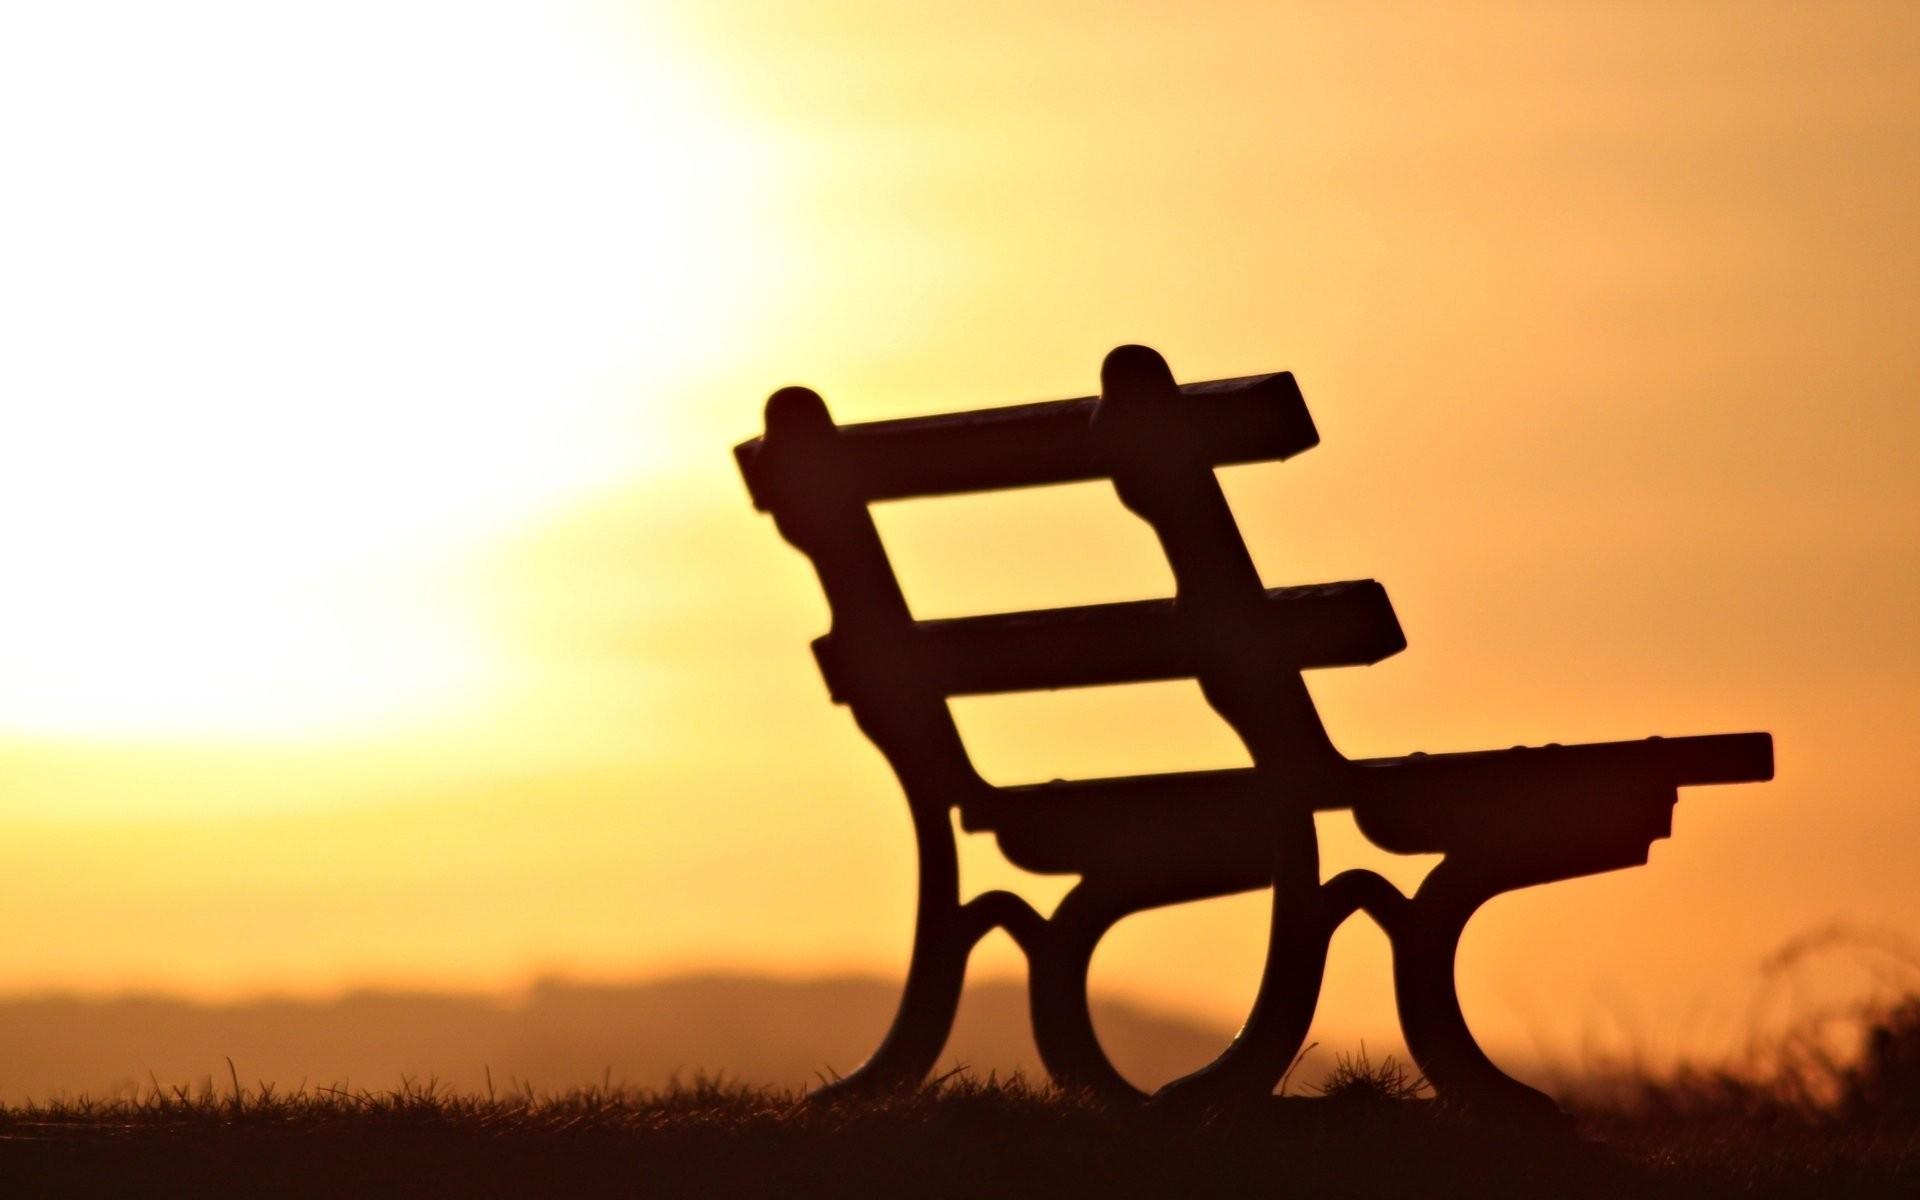 mood bench bench shop shop silhouette sunset bench sunset background  wallpaper widescreen full screen widescreen hd